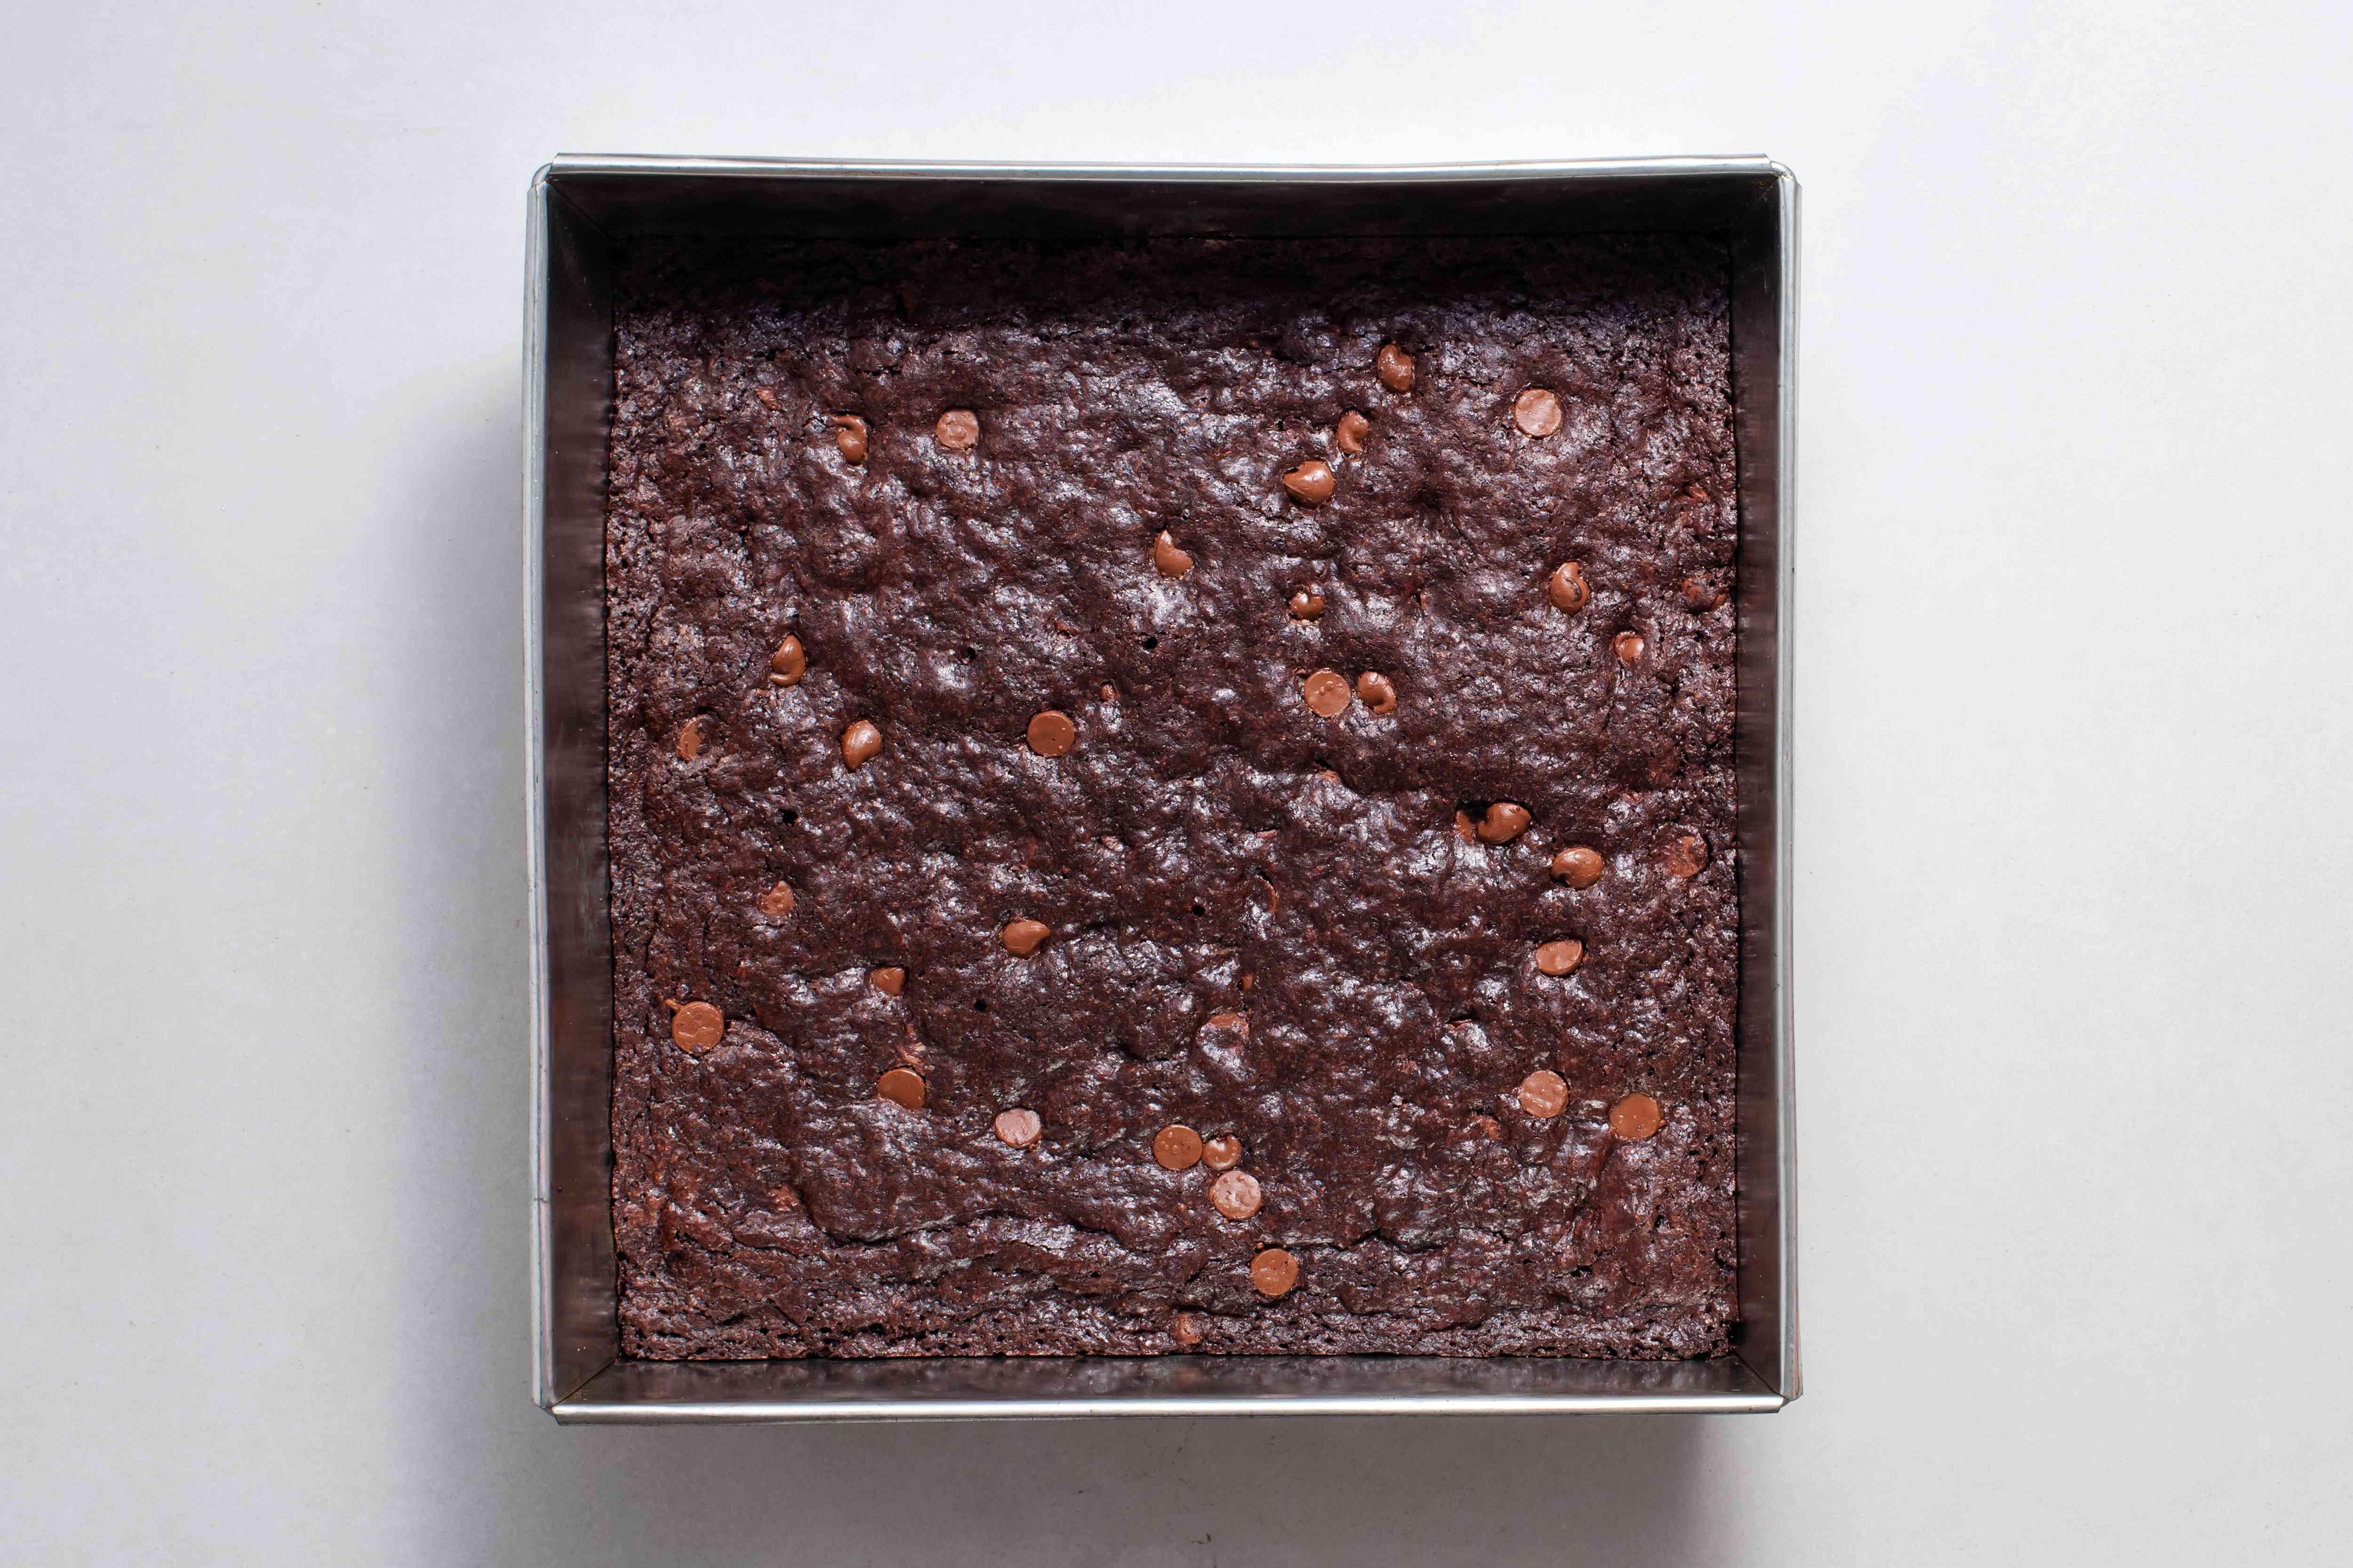 Best Brownies in a baking pan